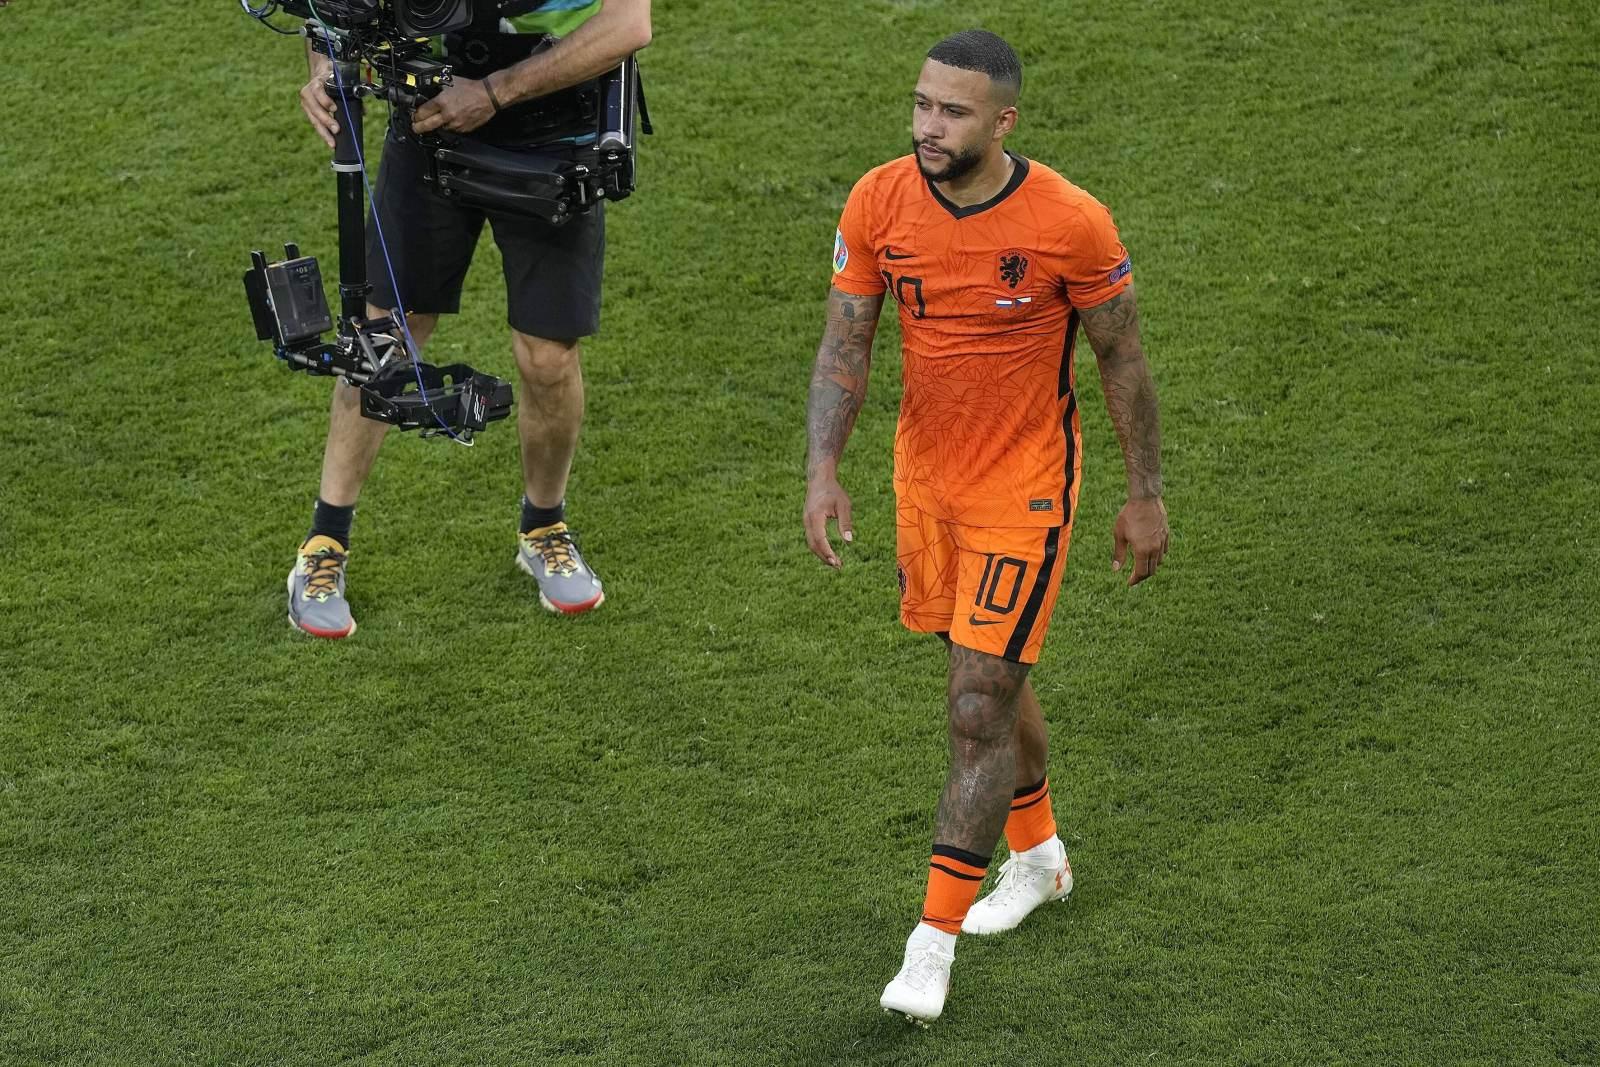 Голландия забила 6 мячей Турции, Норвегия - 5 Гибралтару